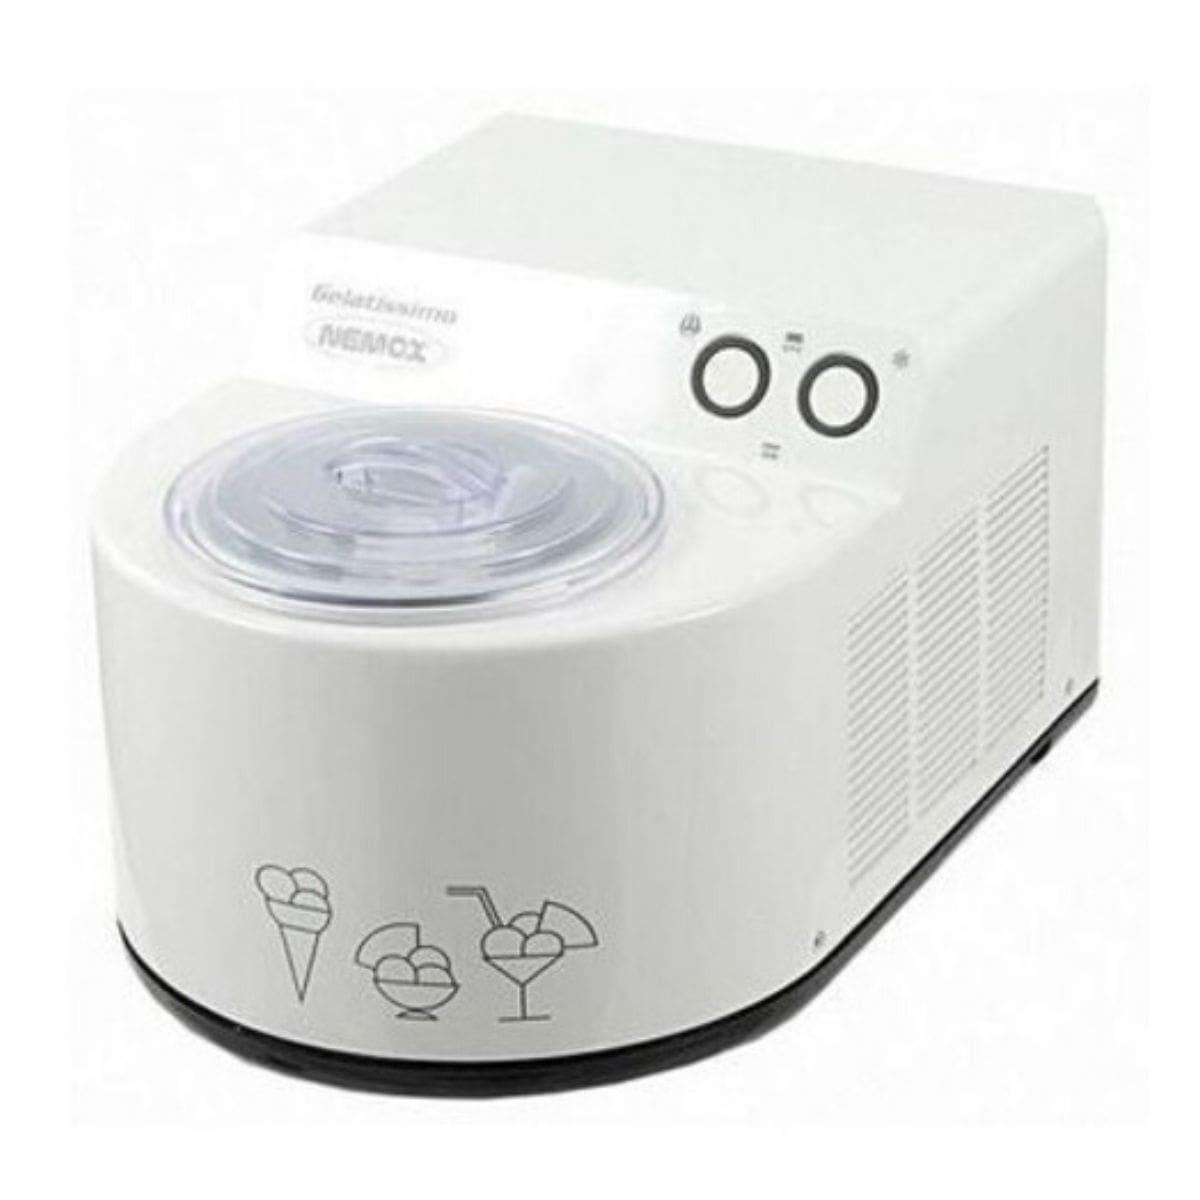 Автоматическая мороженица Nemox Gelatissimo Classic 1,7 л